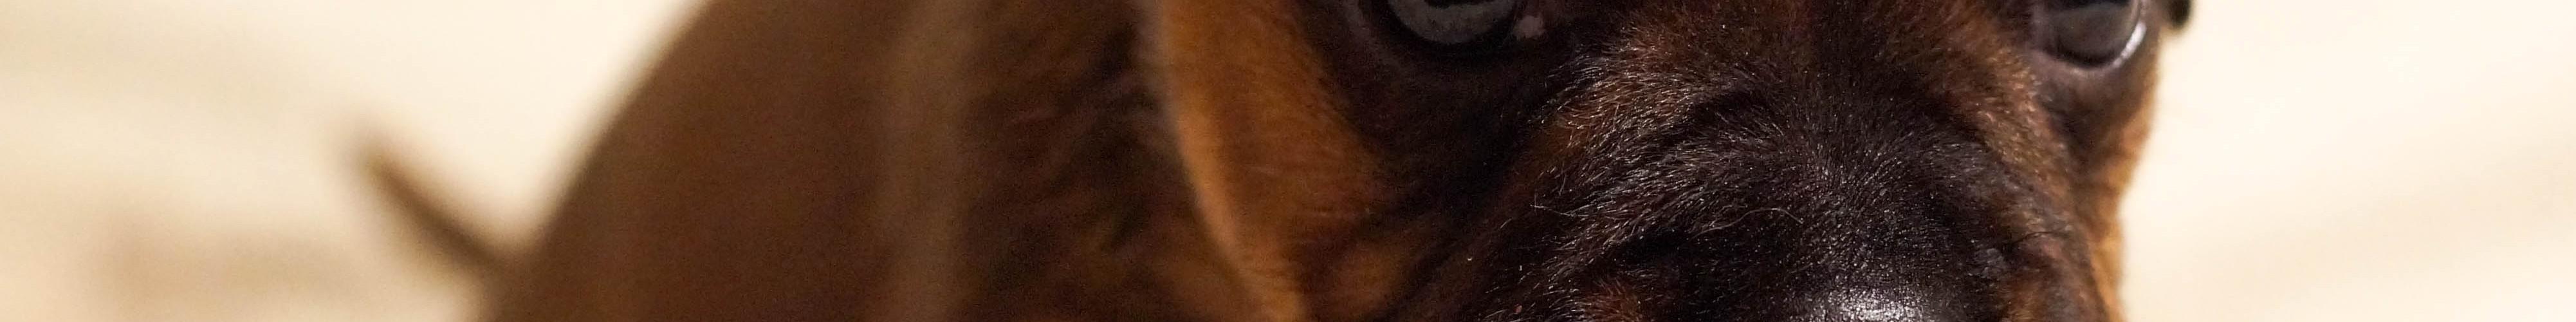 mb Hund Lebenskrise